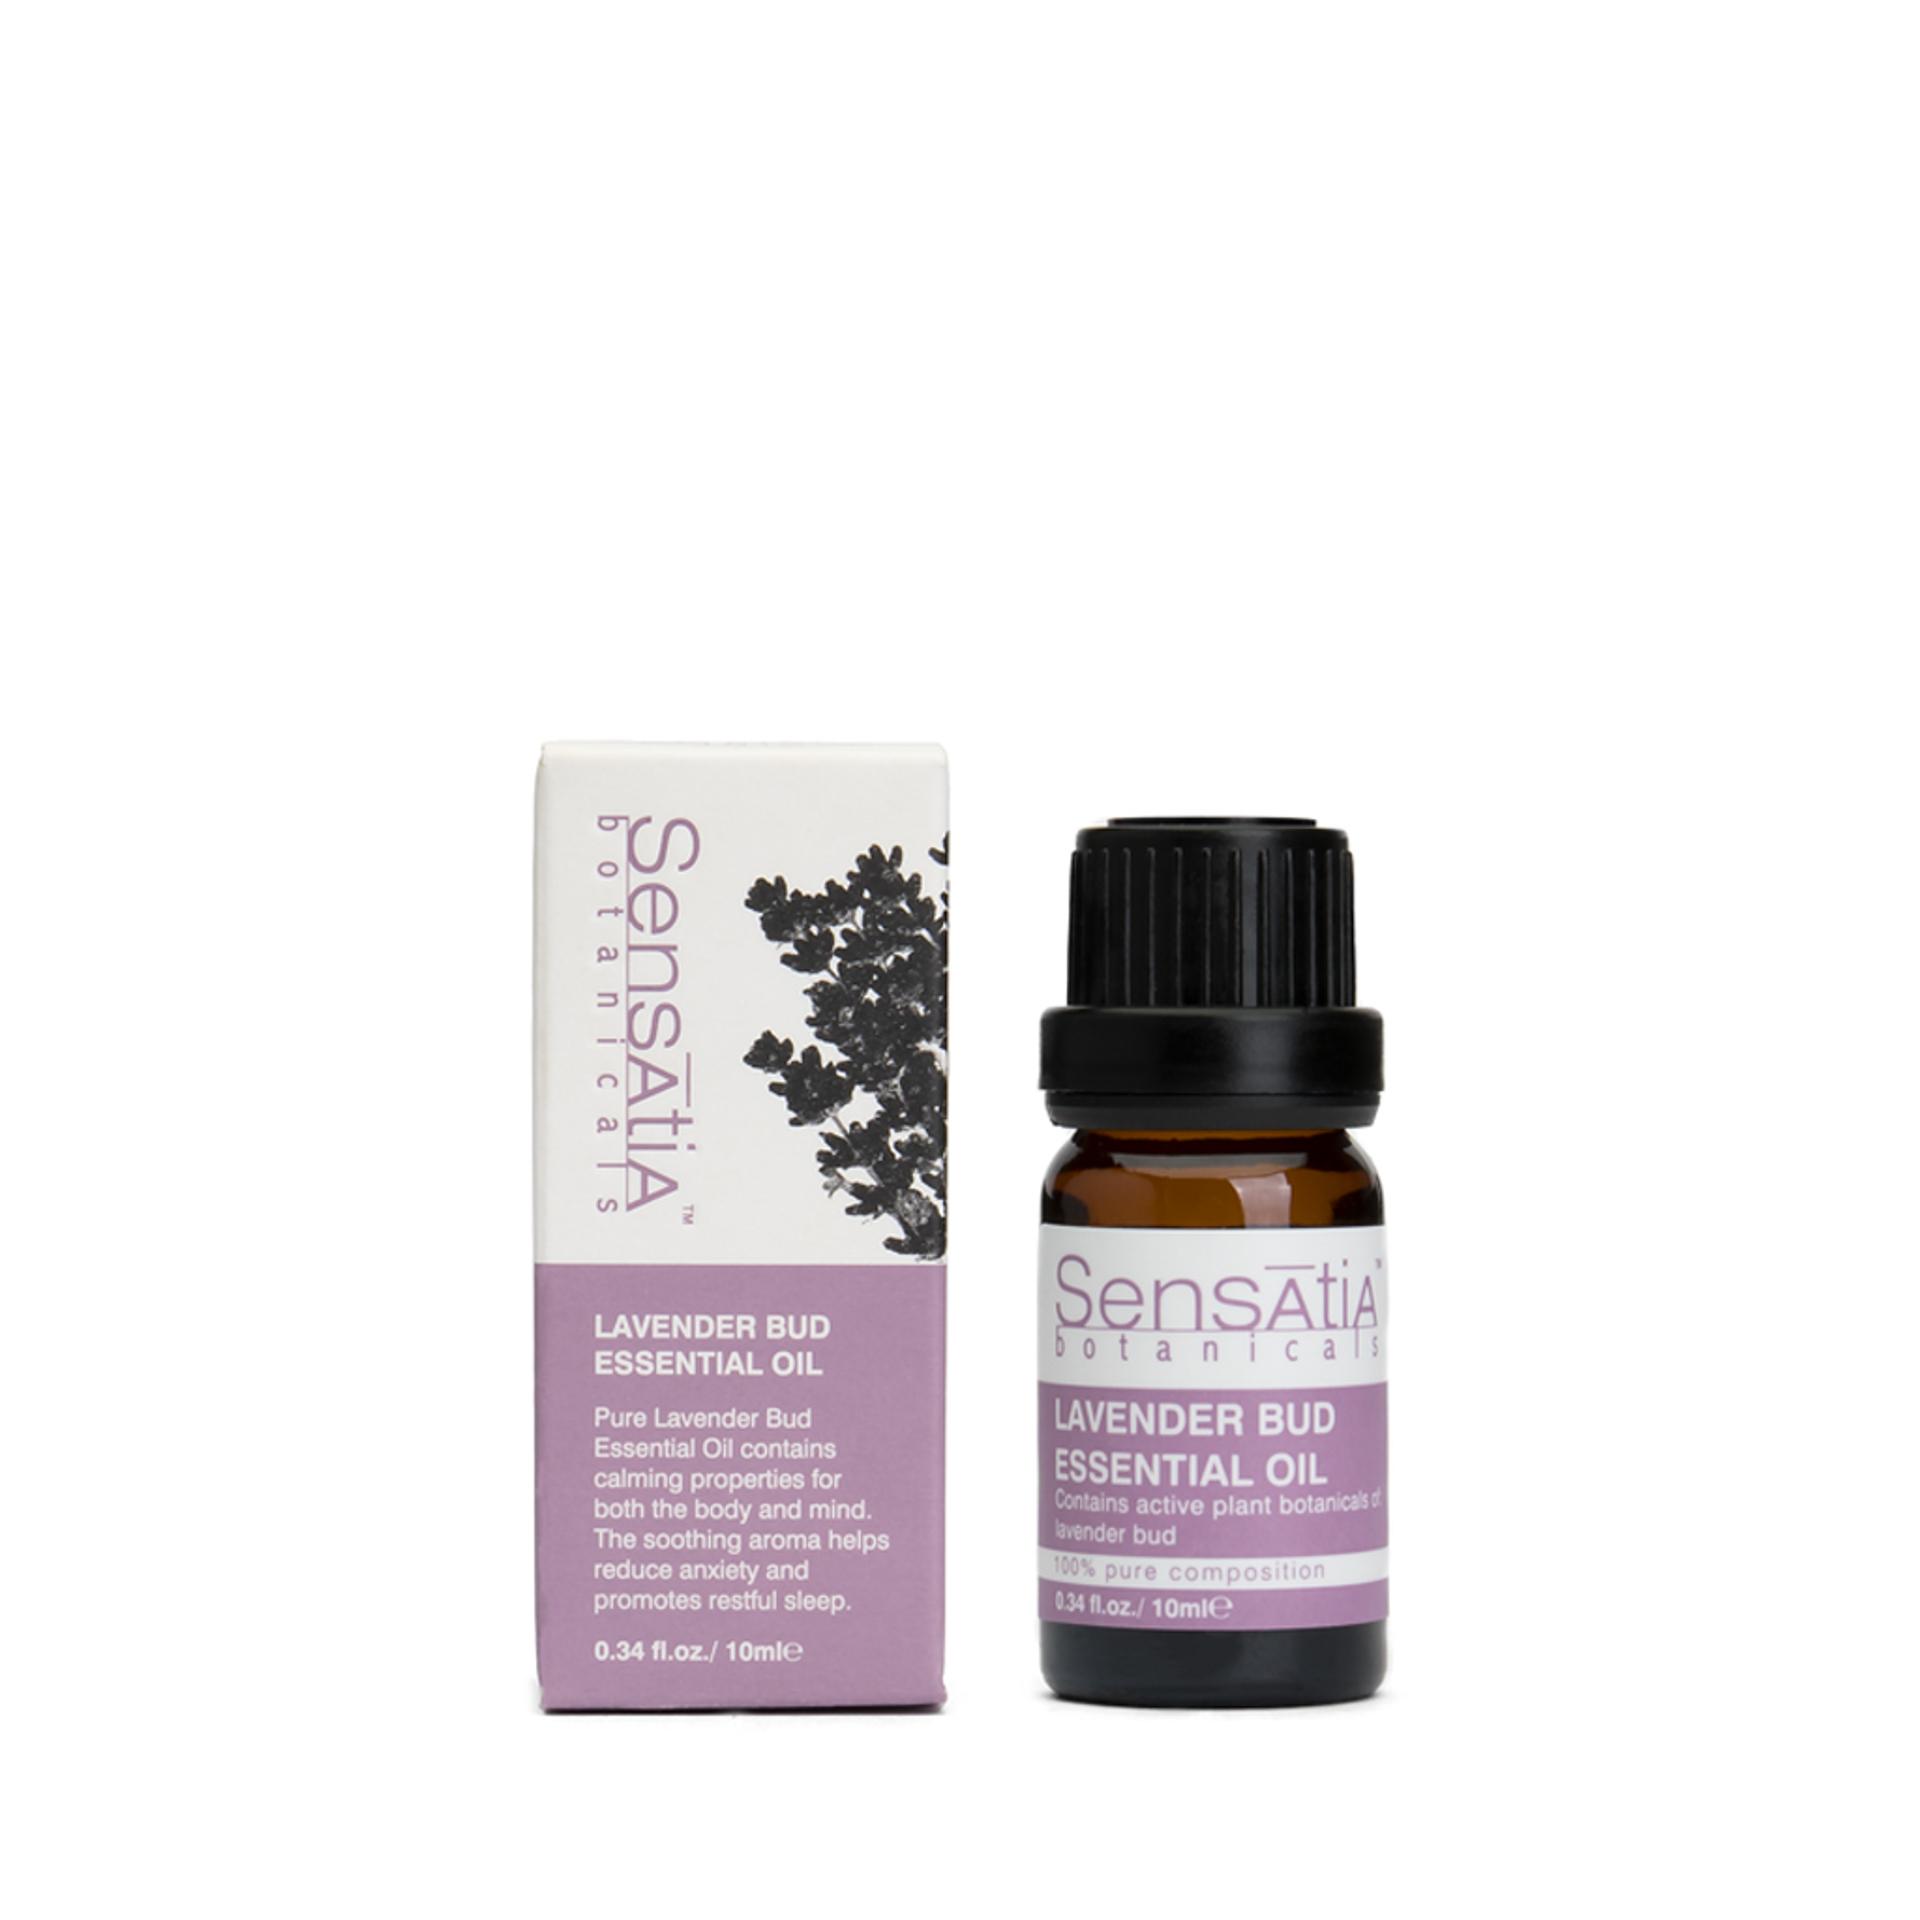 Lavender Bud Essential Oil.jpg